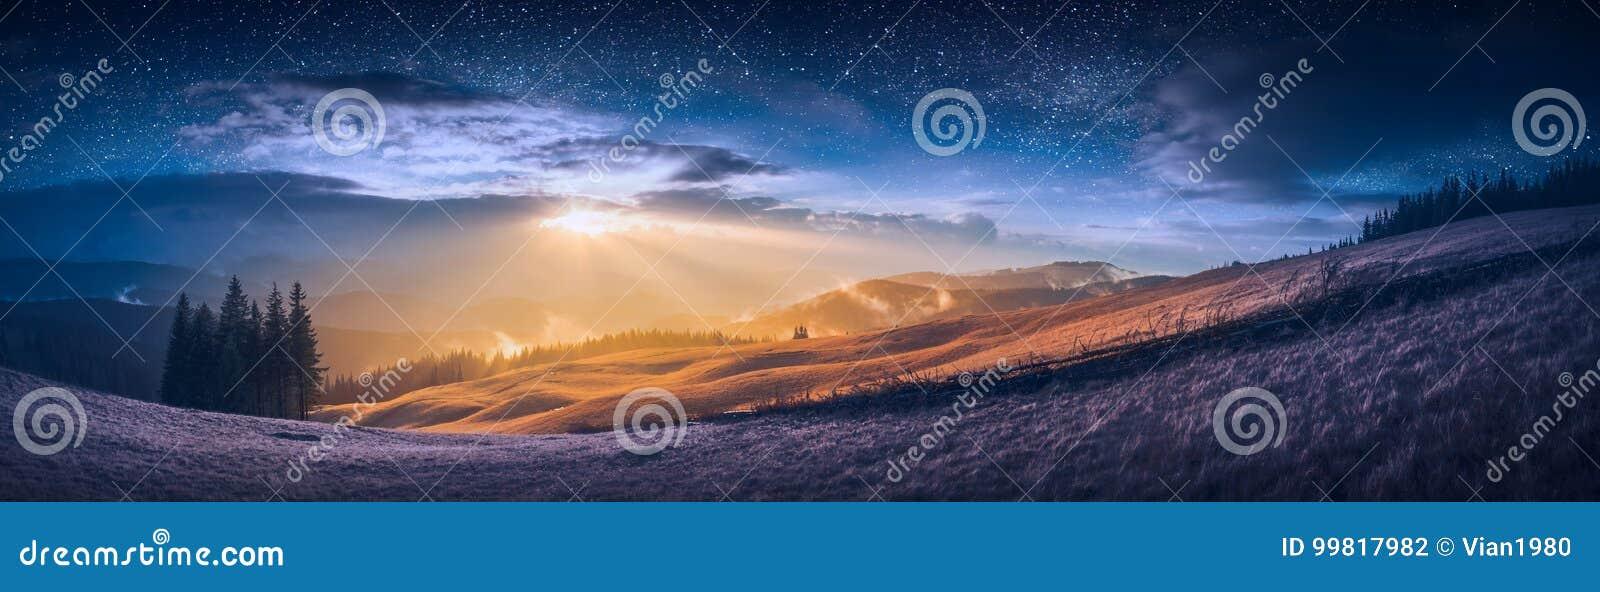 De vergadering van dag en nacht in een bergvallei